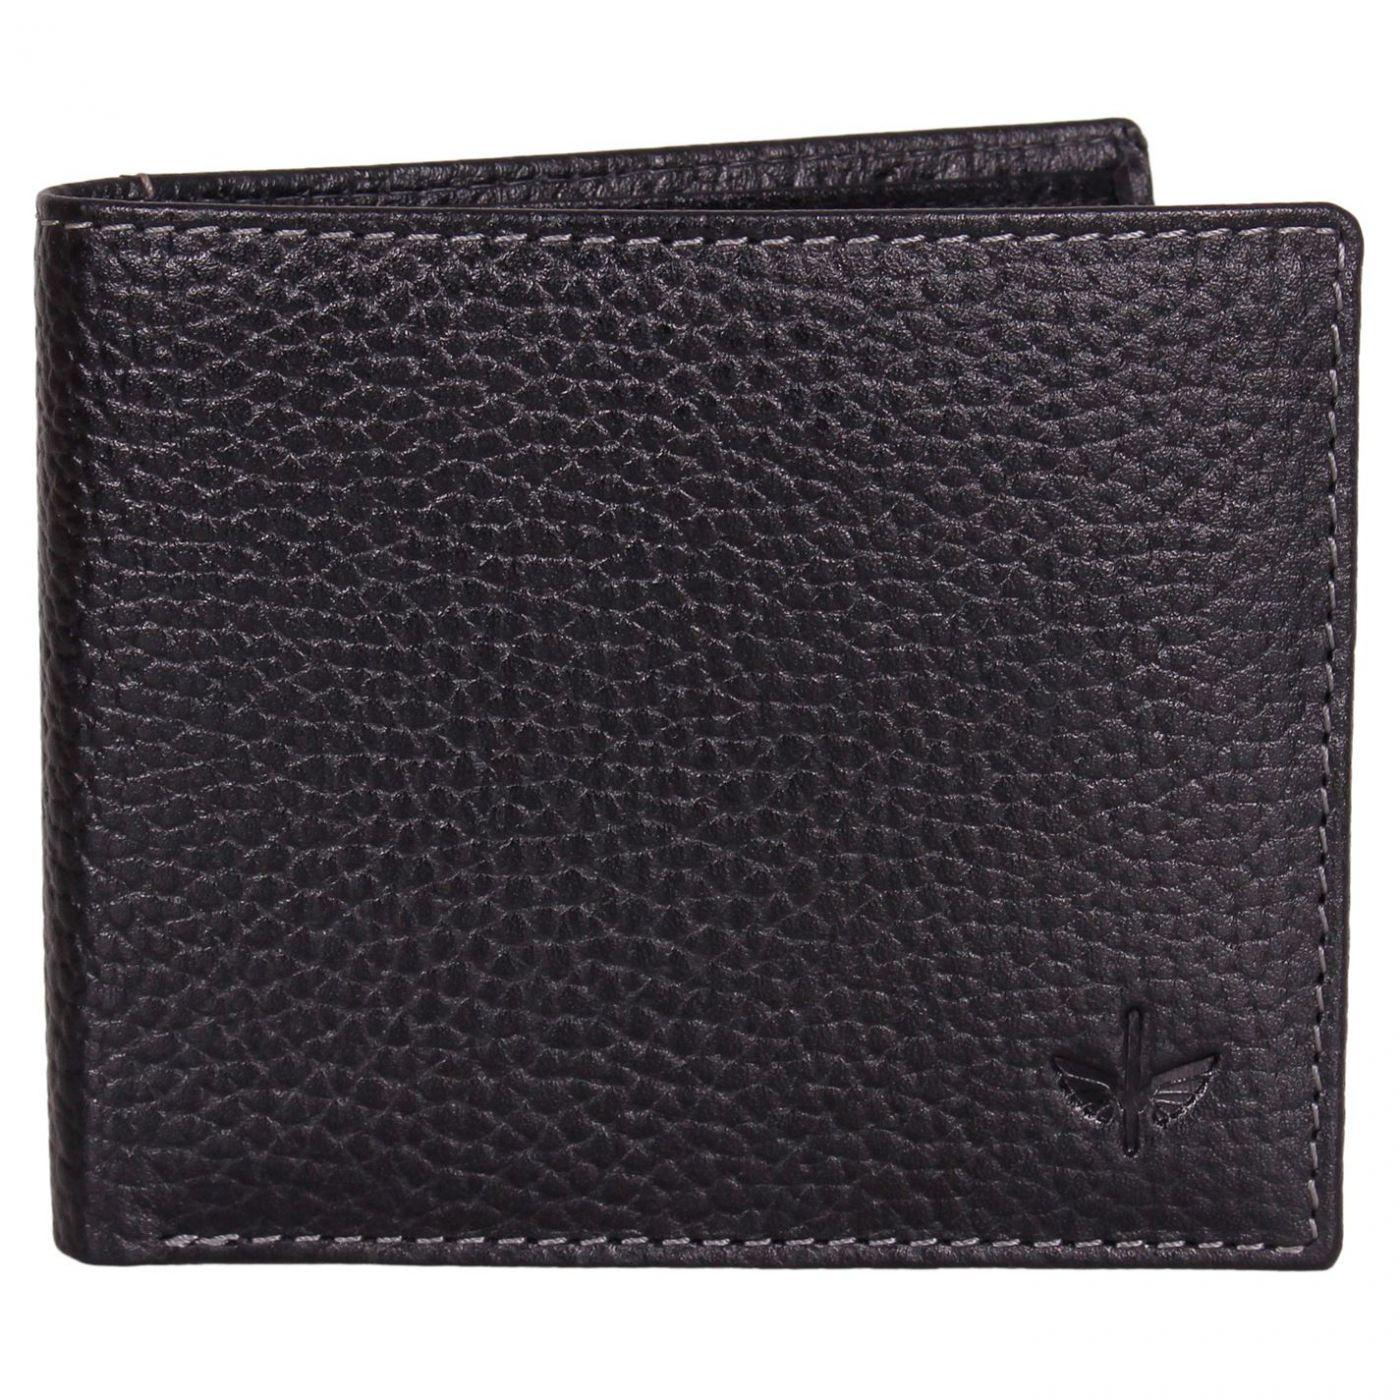 Firetrap Luxe Wallet